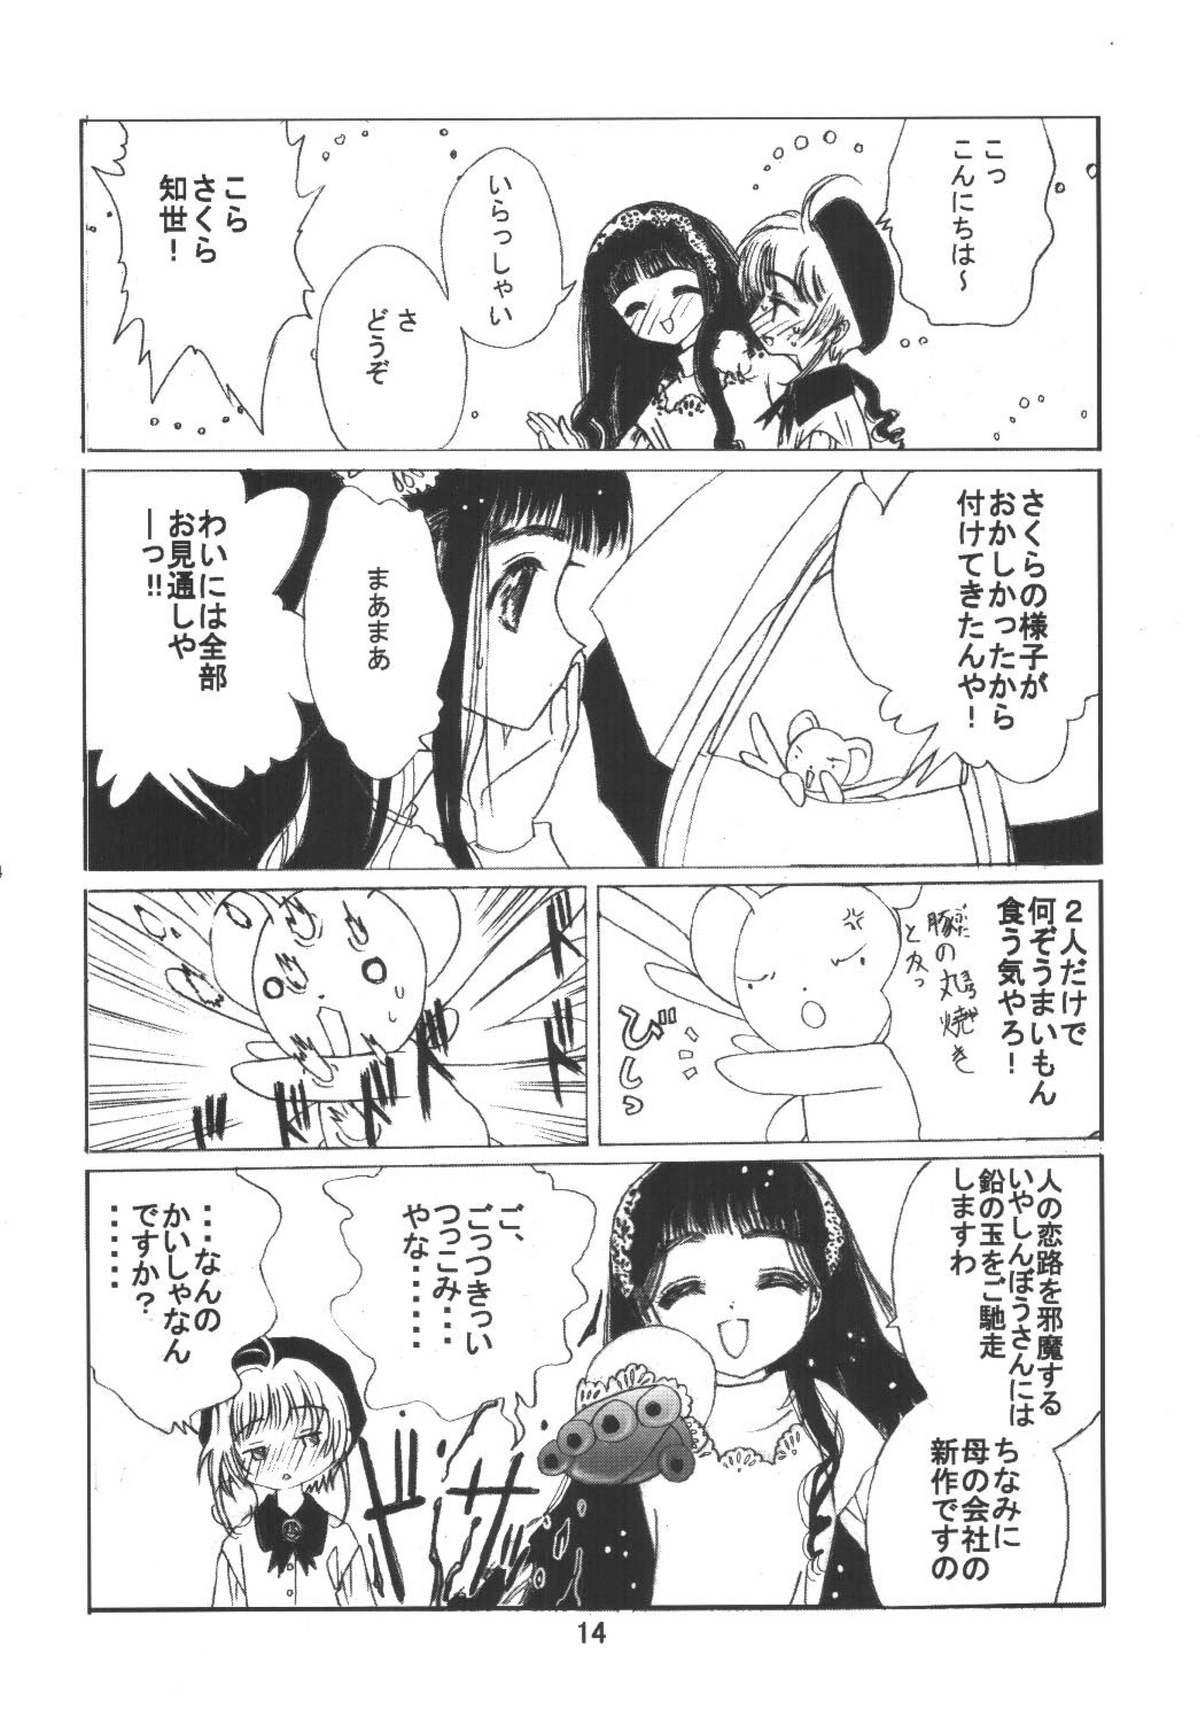 Kuuronziyou 6 Sakura-chan de Asobou 3 13